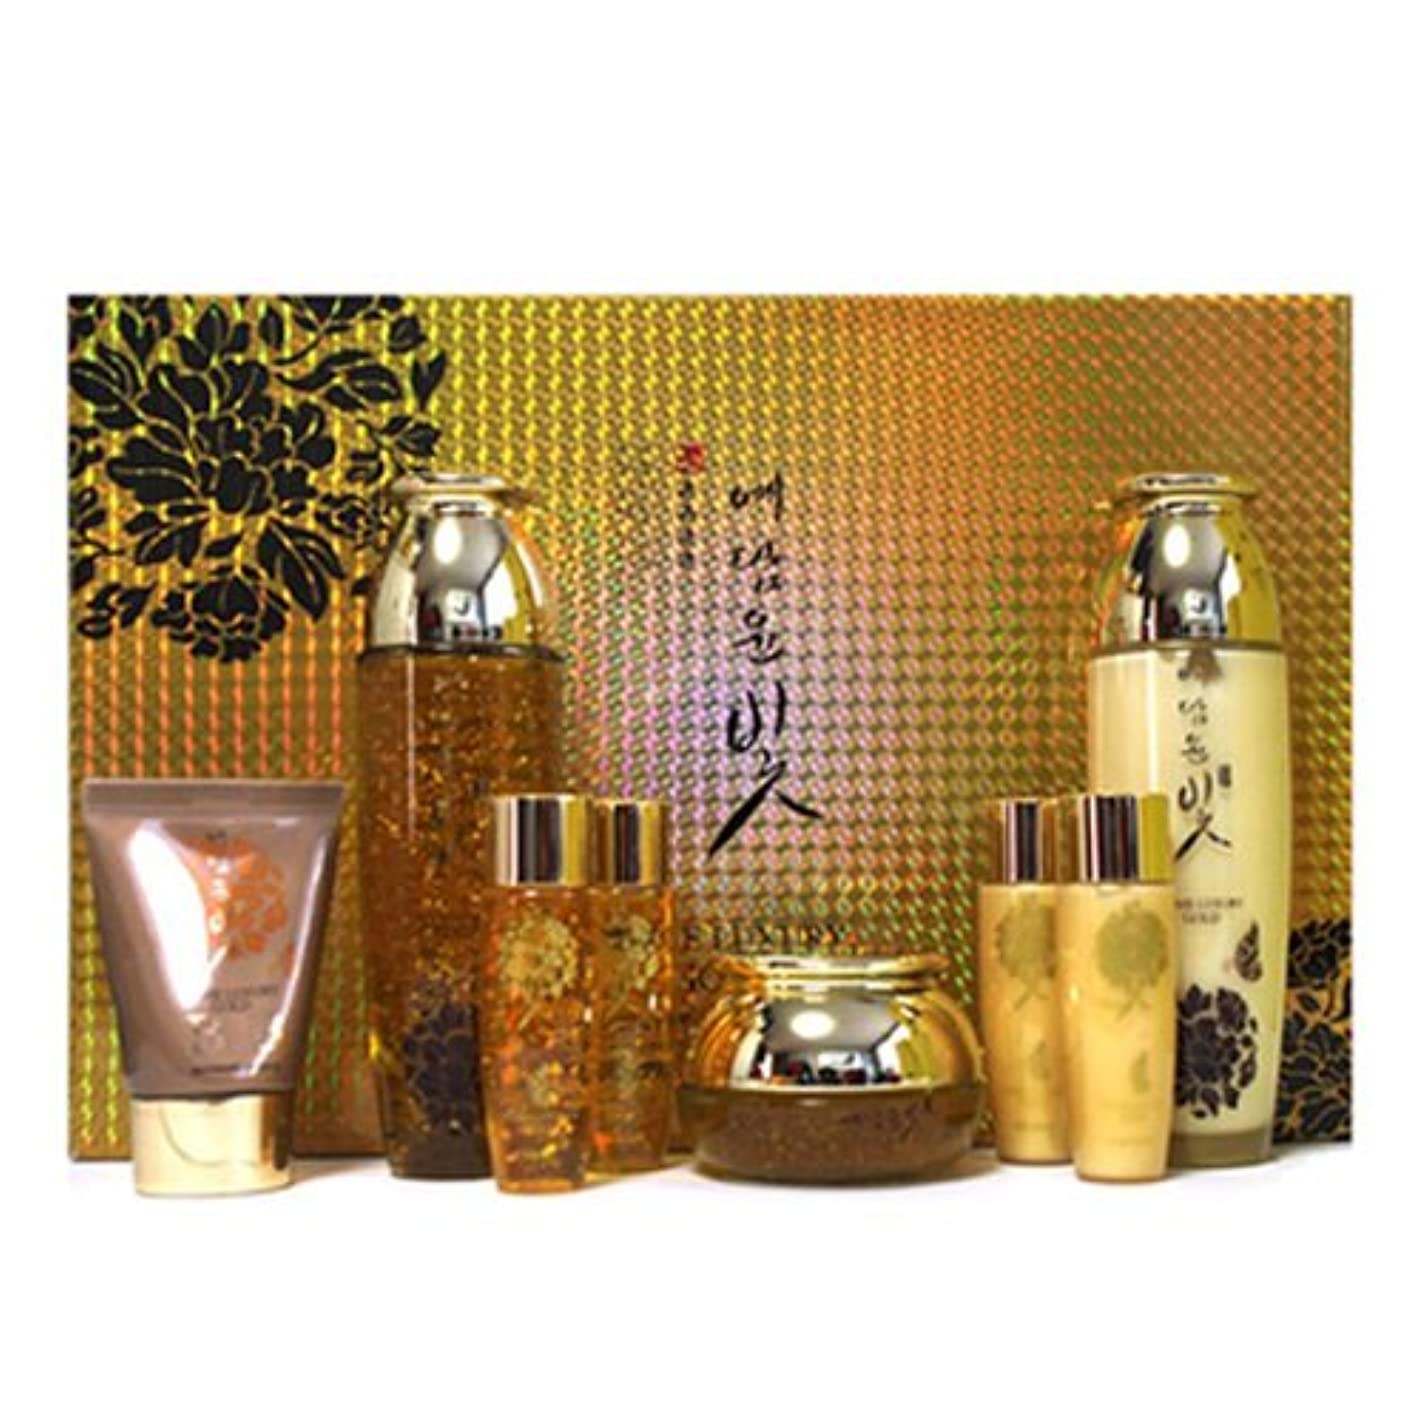 資源思い出す限りなくイェダムユンビト[韓国コスメYedam Yun Bit]Prime Luxury Gold Skin Care Set プライムラグジュアリーゴールドスキンケア4セット 樹液 乳液 クリーム/ BBクリーム [並行輸入品]